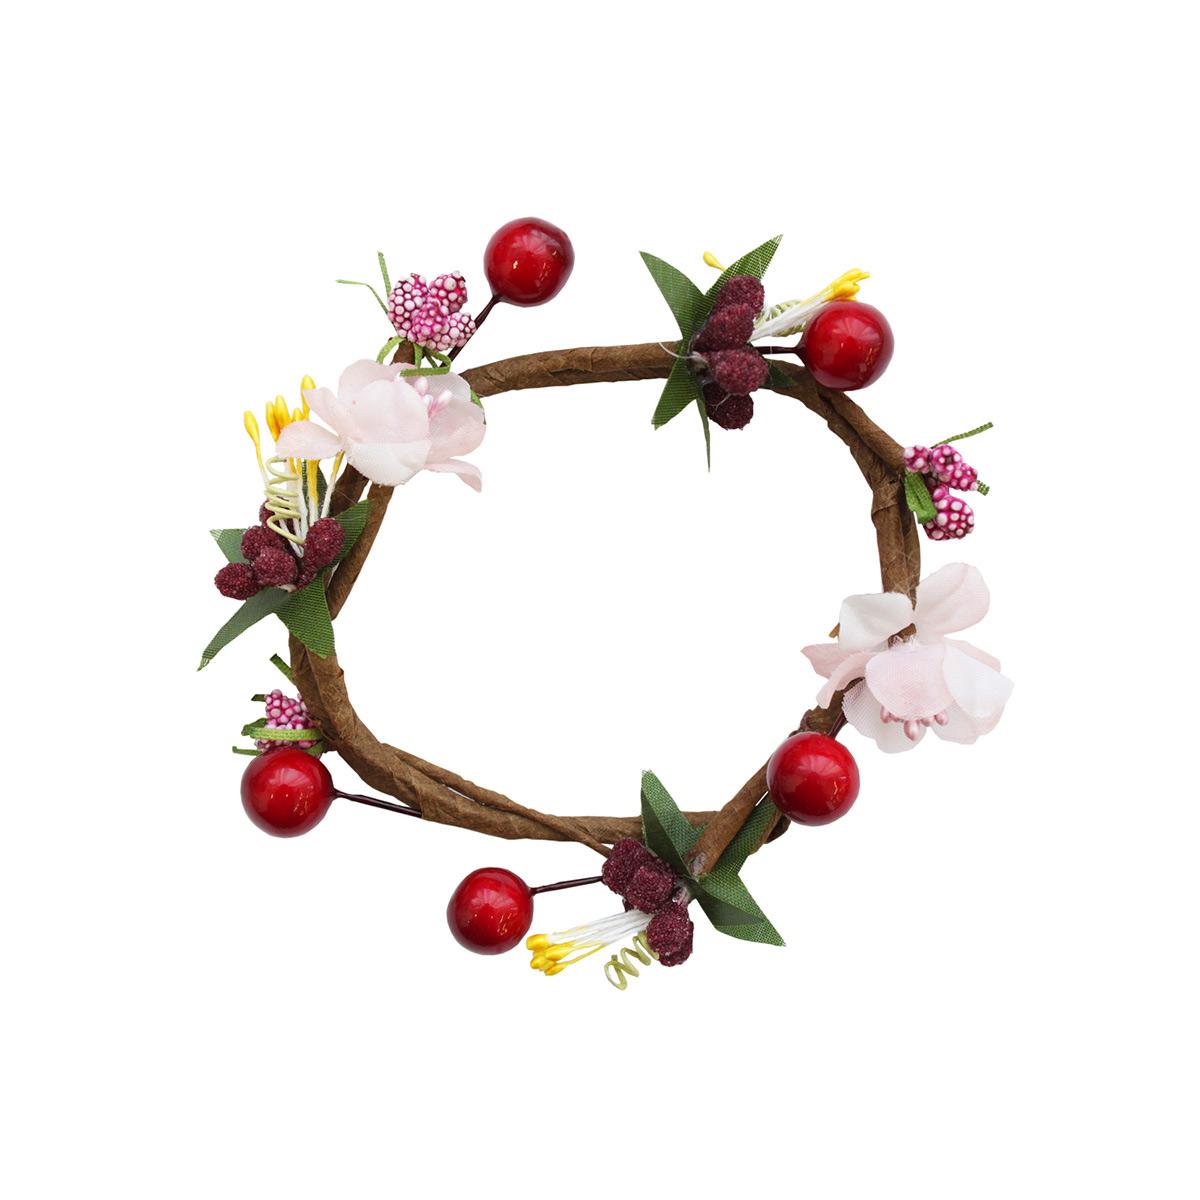 MH1-157 Венок для свечей Цветы и ягоды D7.5x2.5см,1шт, Астра